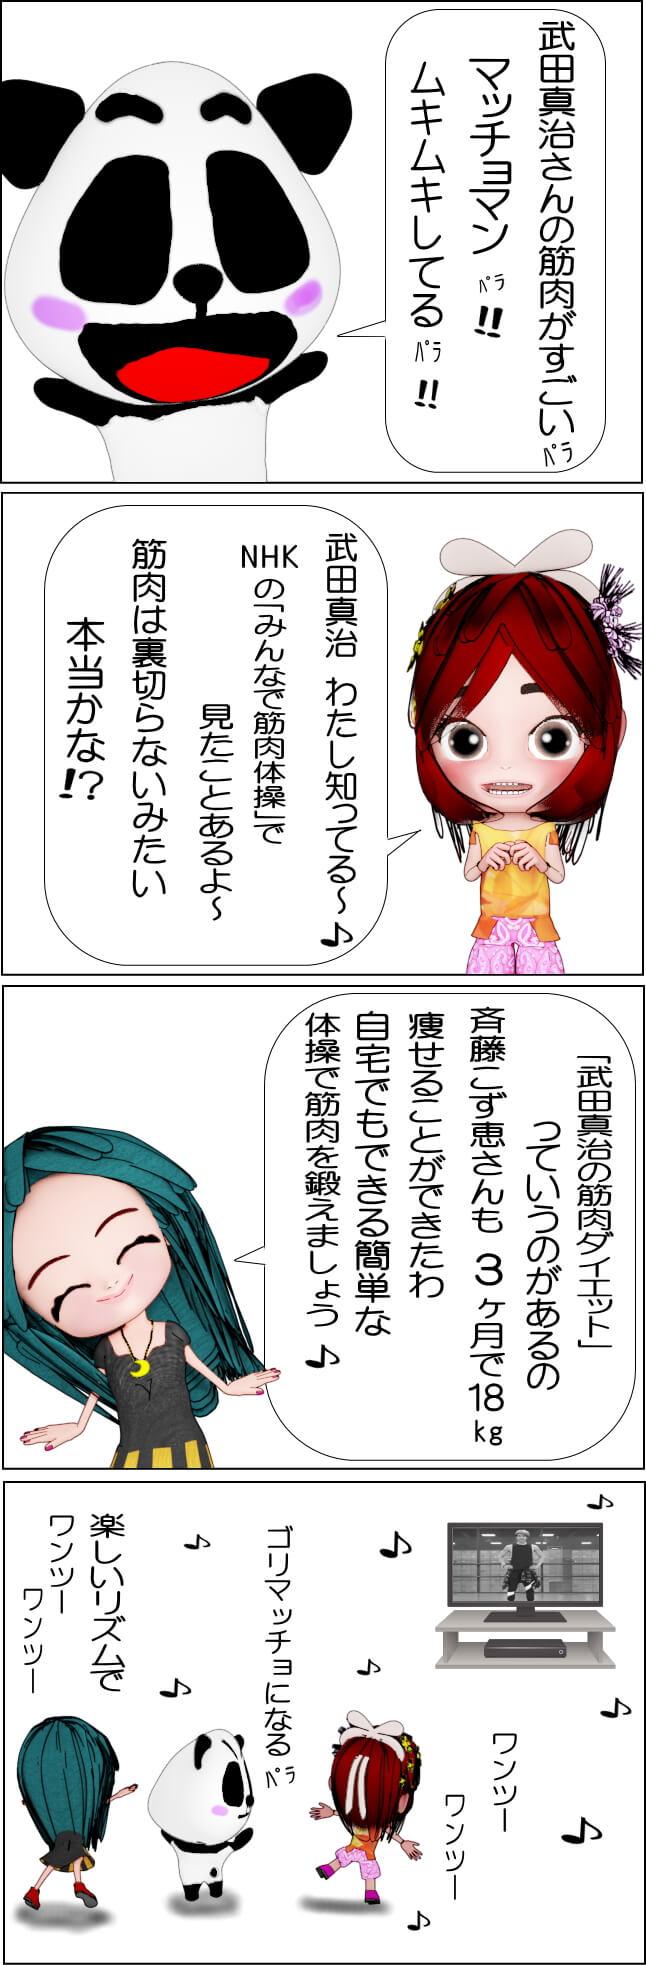 武田真治の筋肉ダイエットってなに?「4コマ漫画」